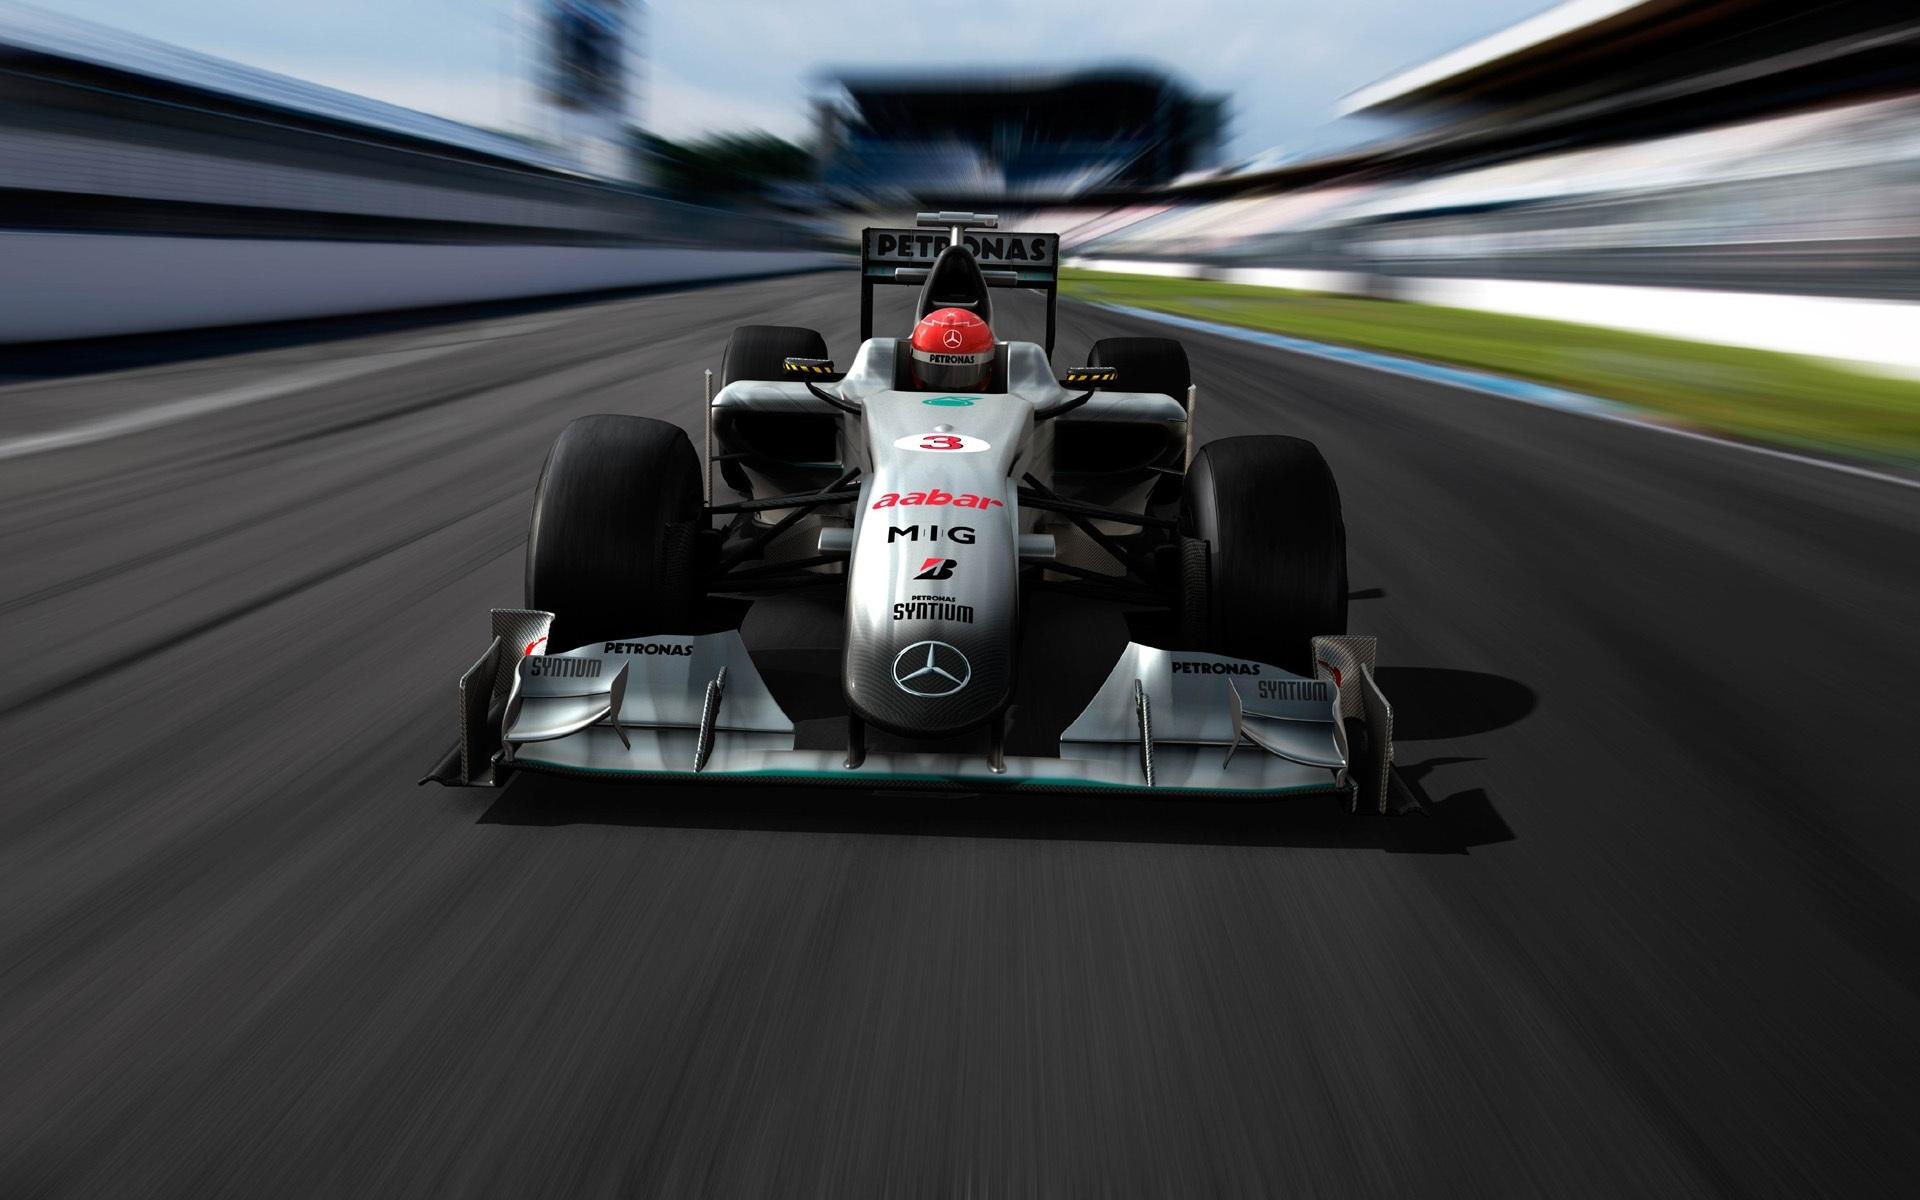 31877 скачать обои Спорт, Транспорт, Машины, Гонки, Формула-1 (Formula-1, F1) - заставки и картинки бесплатно